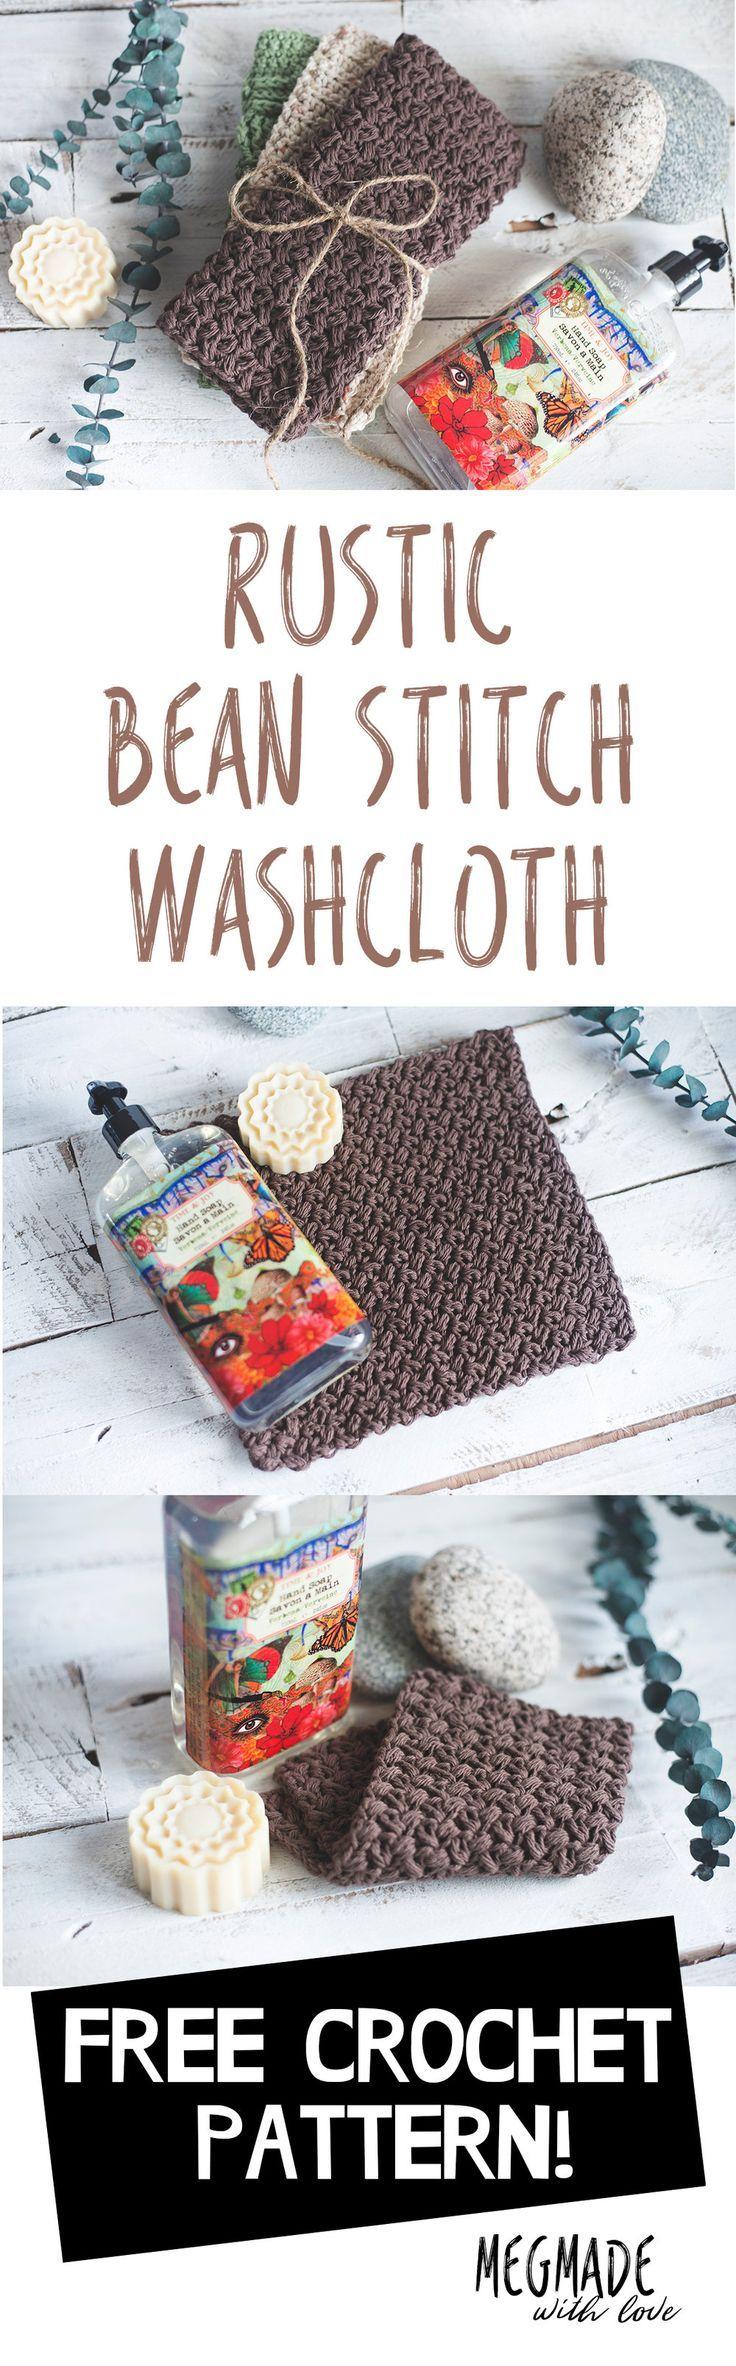 Vistoso Weenie Más Caliente Patrón De Crochet Ilustración - Ideas de ...